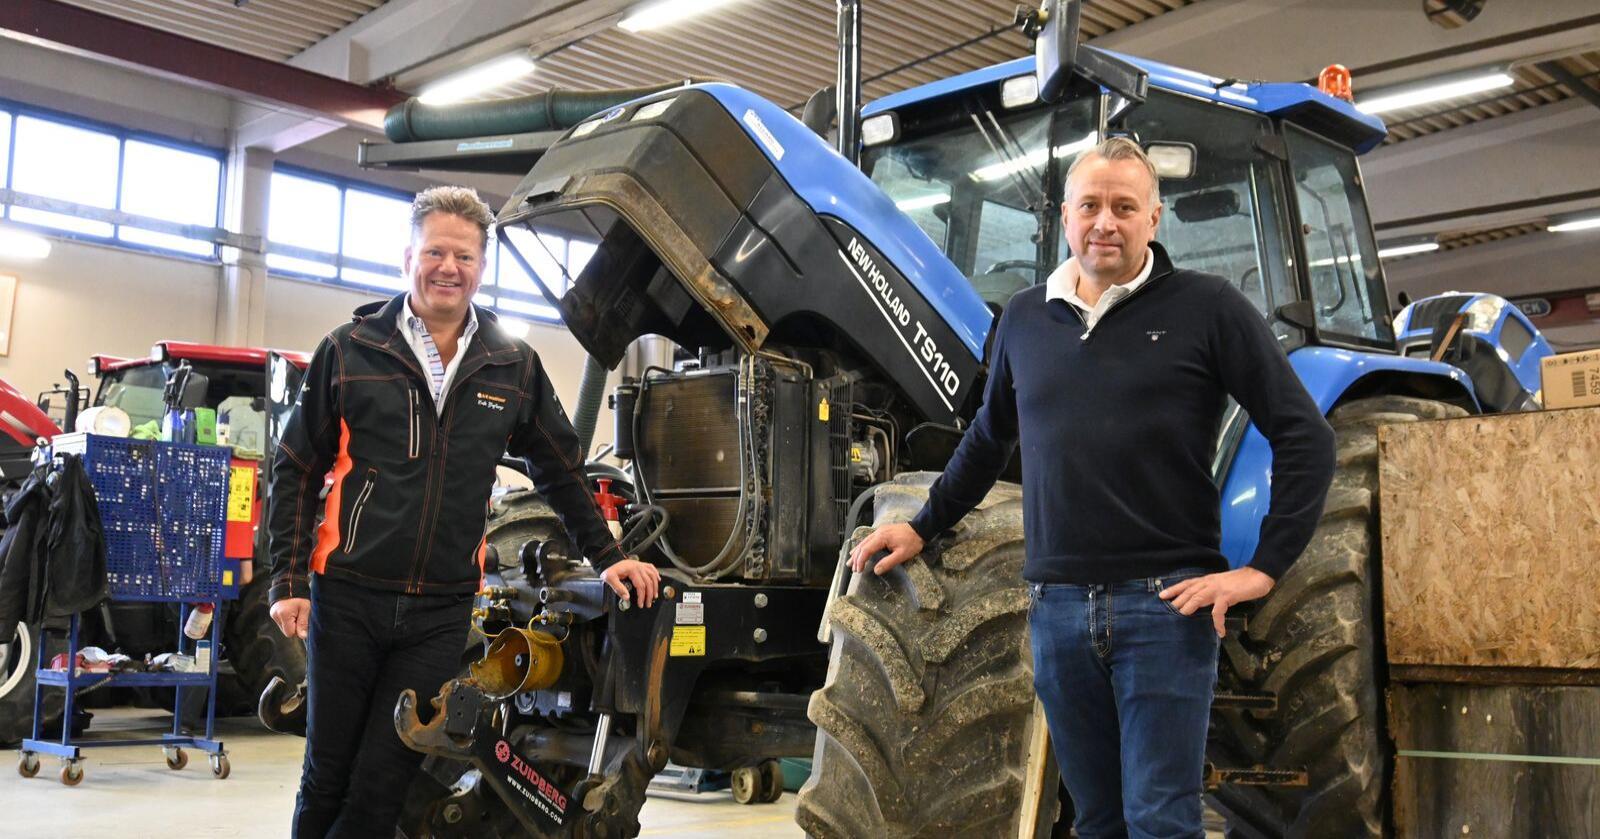 Ettermarkedsdirektør Egil Iversen i A-K maskiner ( til høyre ) kunne sammen med administrerende direktør Erik Grefberg idag lansere et nye servicekonsept for eldre traktorer